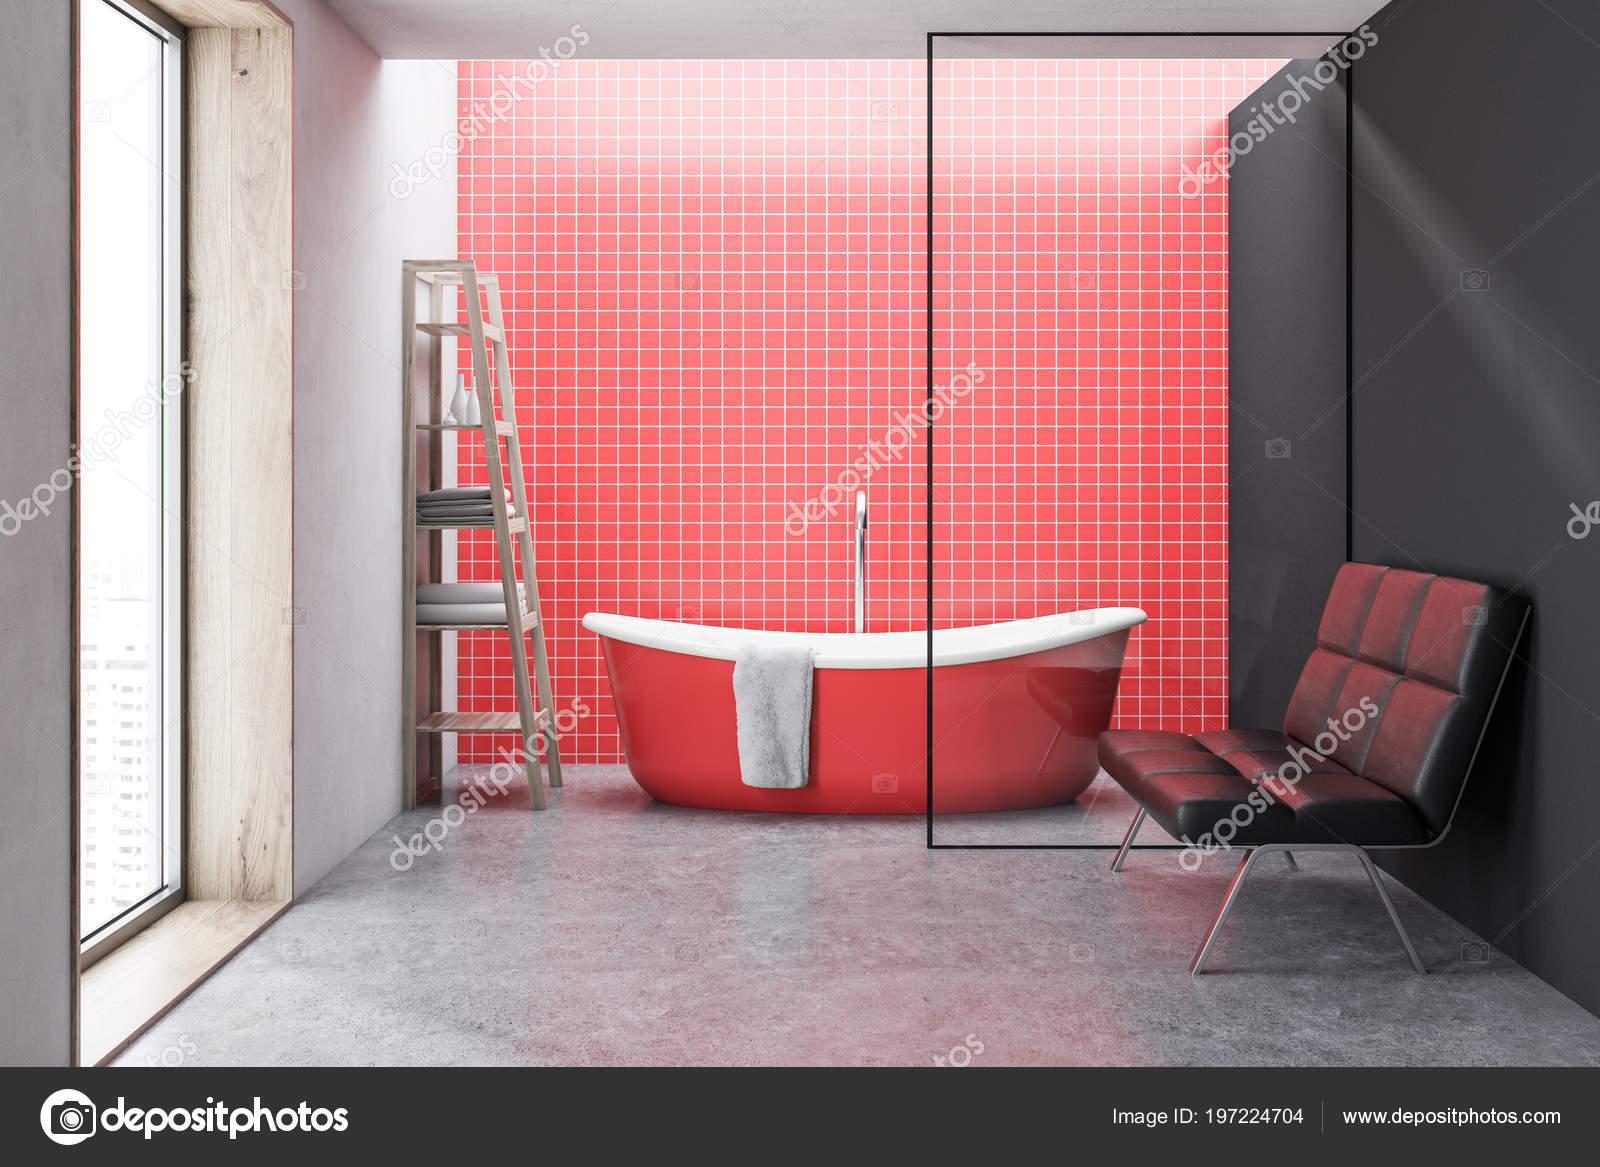 Vasca Da Bagno Rossa : Rosso piastrella interiore della stanza bagno con una vasca bagno